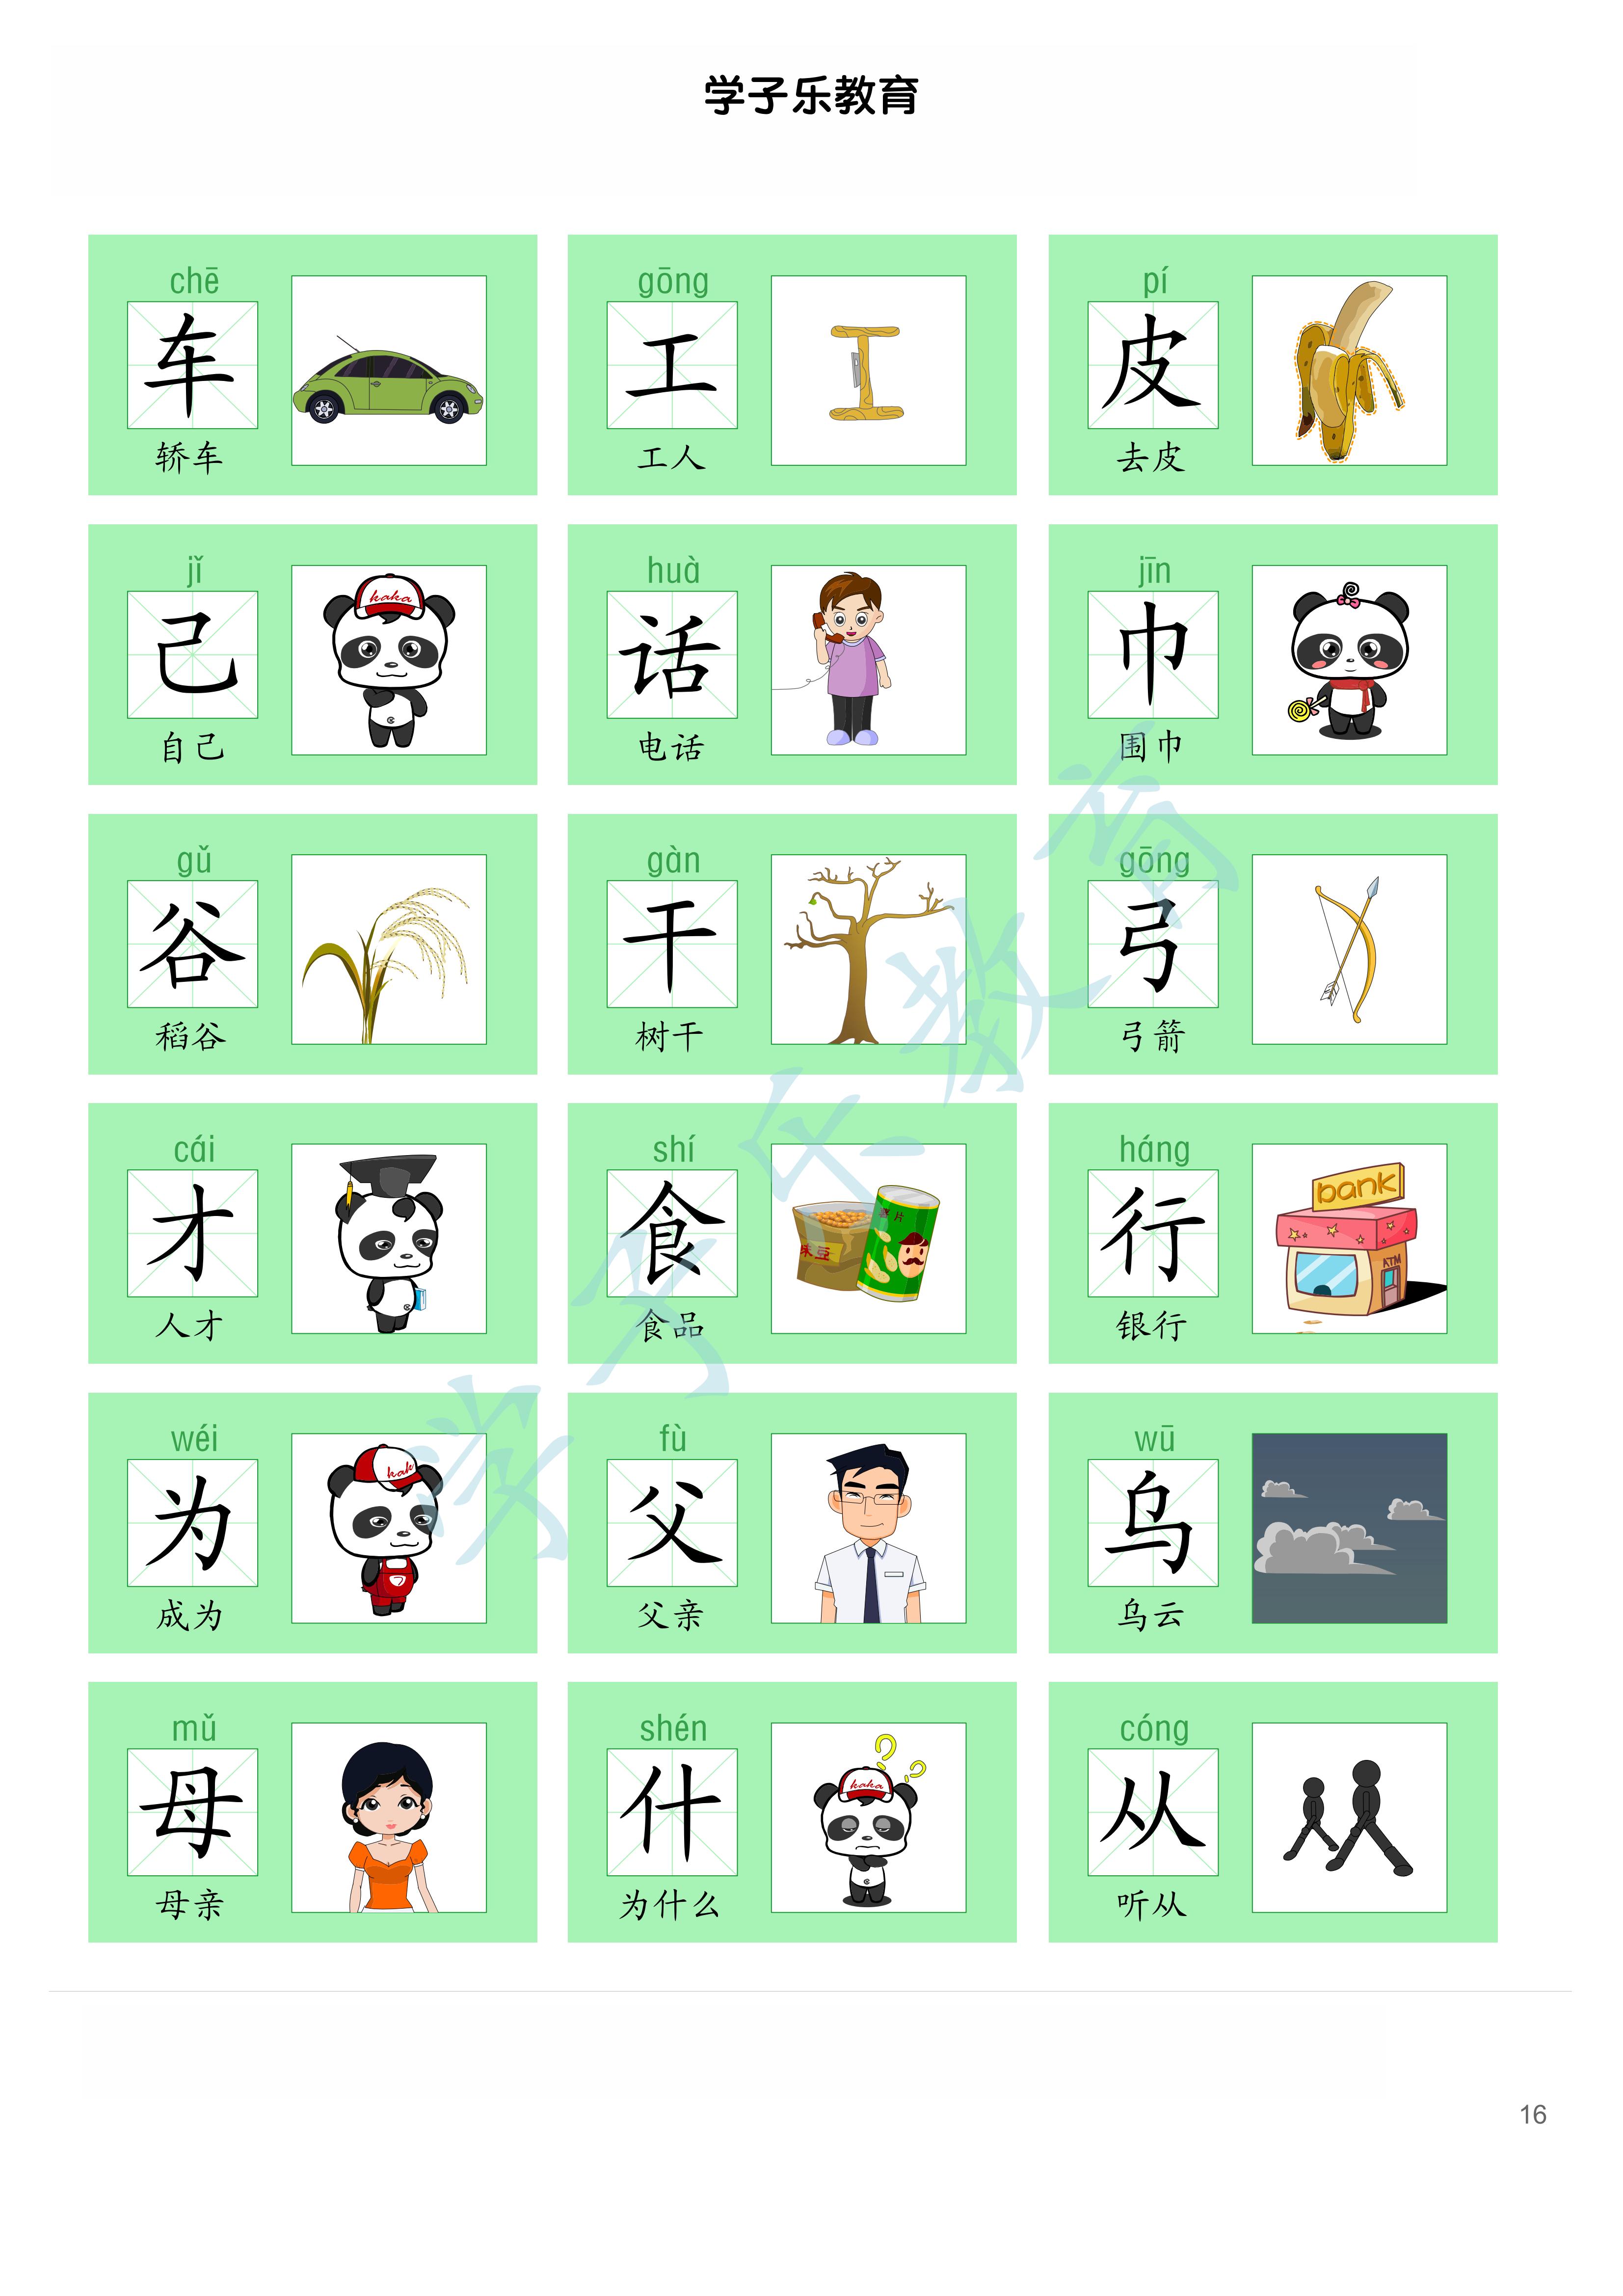 图文识字免费的软件(图文识字怎么用)插图15